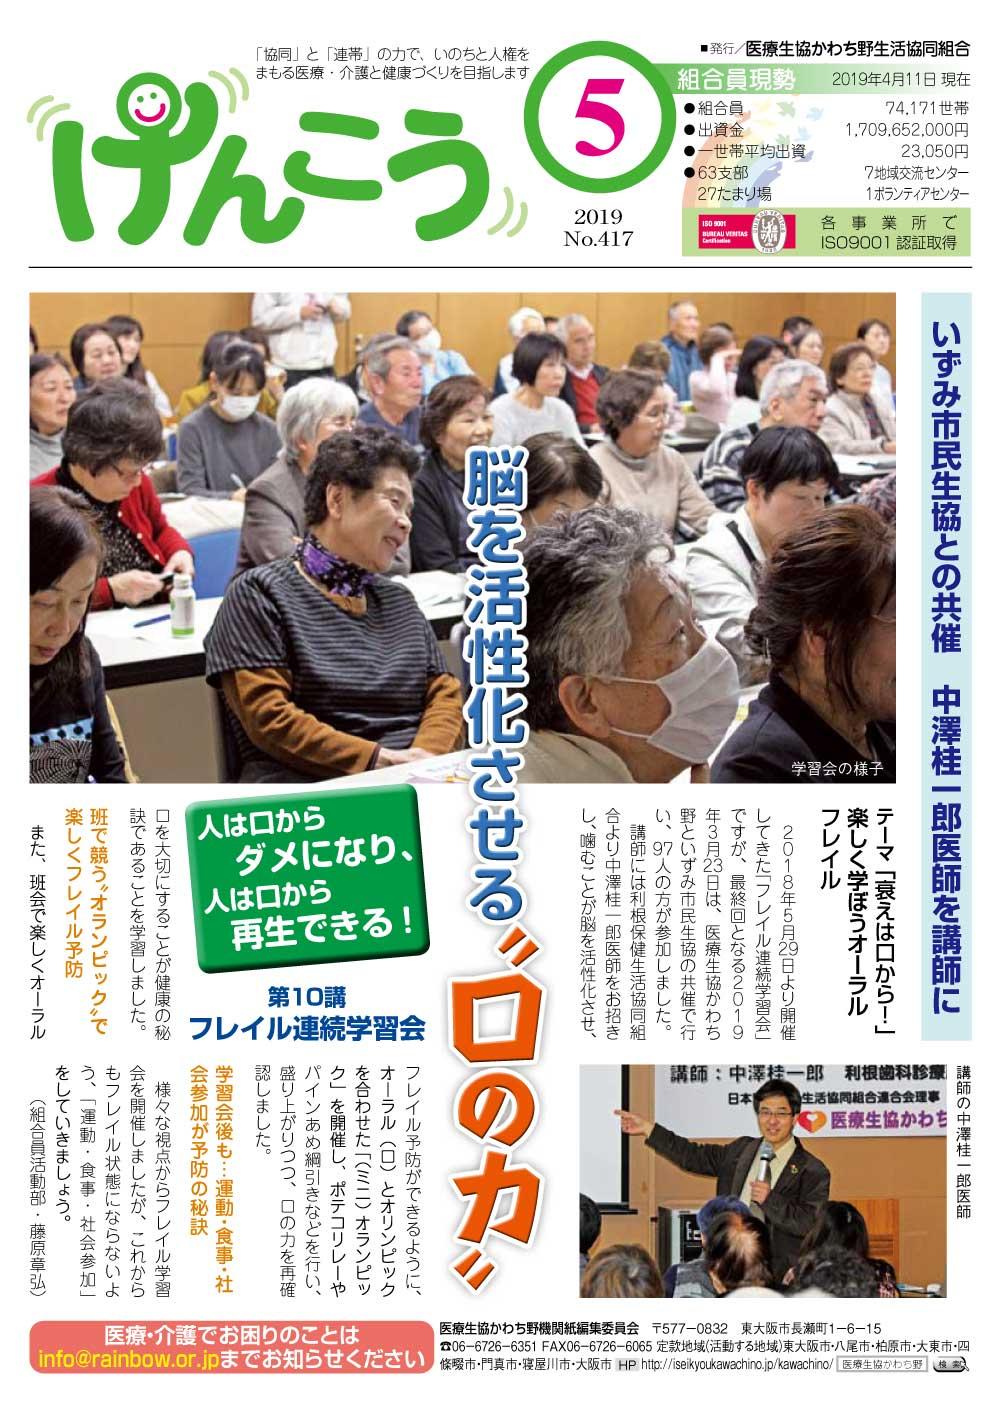 『けんこう』2019年5月号(第417号)医療生協かわち野生活協同組合